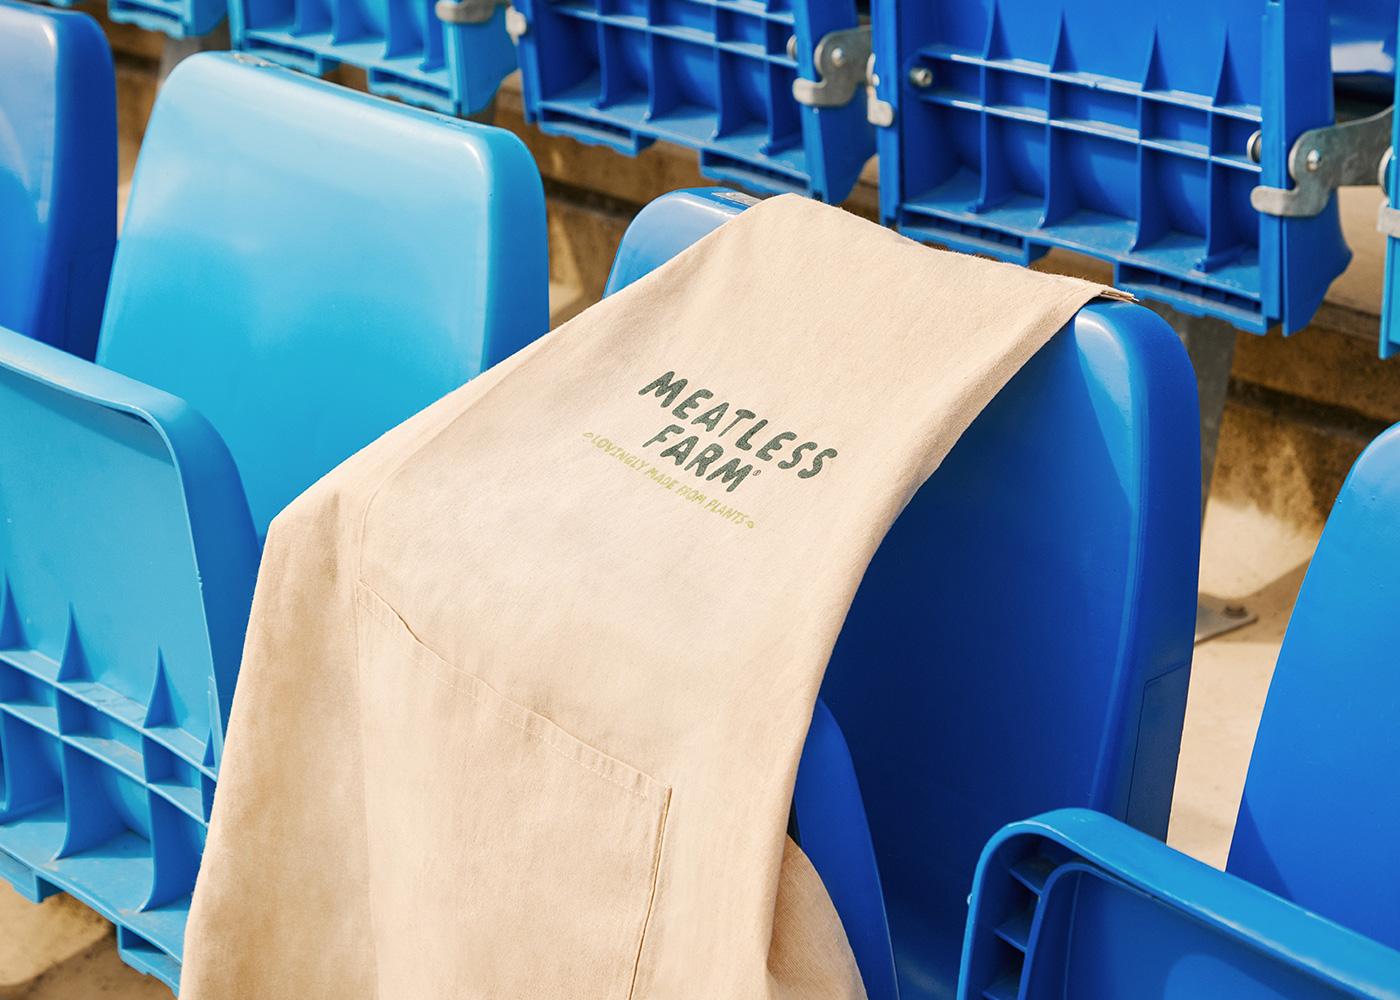 Meatless Farm shirt on Real Madrid stadium seats